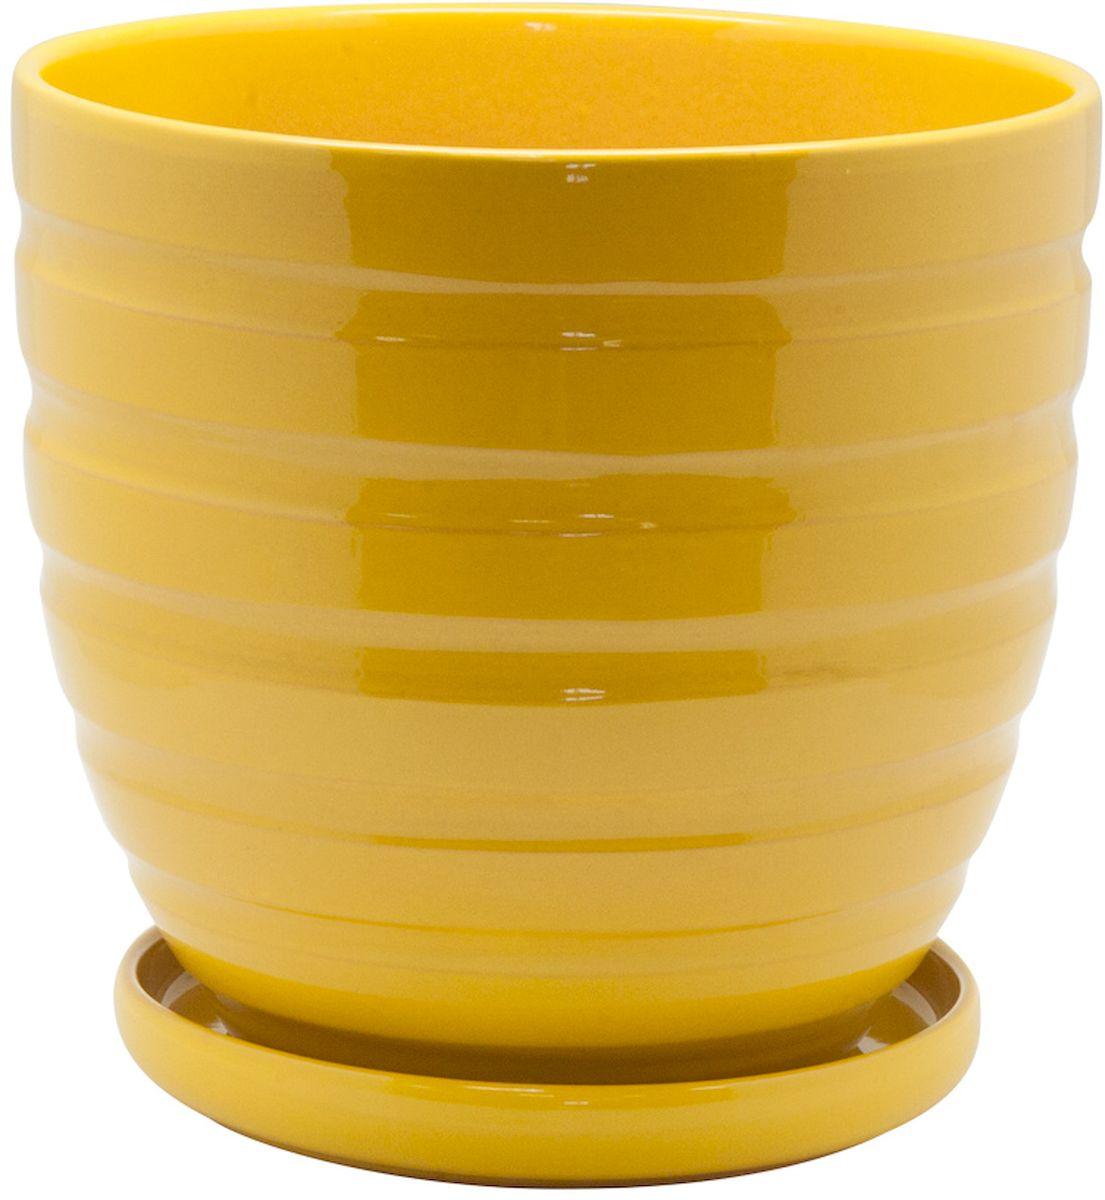 Горшок цветочный Engard, с поддоном, цвет: желтый, 4,7 лC0042416Керамический горшок - это идеальное решение для выращивания комнатных растений и создания изысканности в интерьере. Керамический горшок сделан из высококачественной глины в классической форме и оригинальном дизайне.